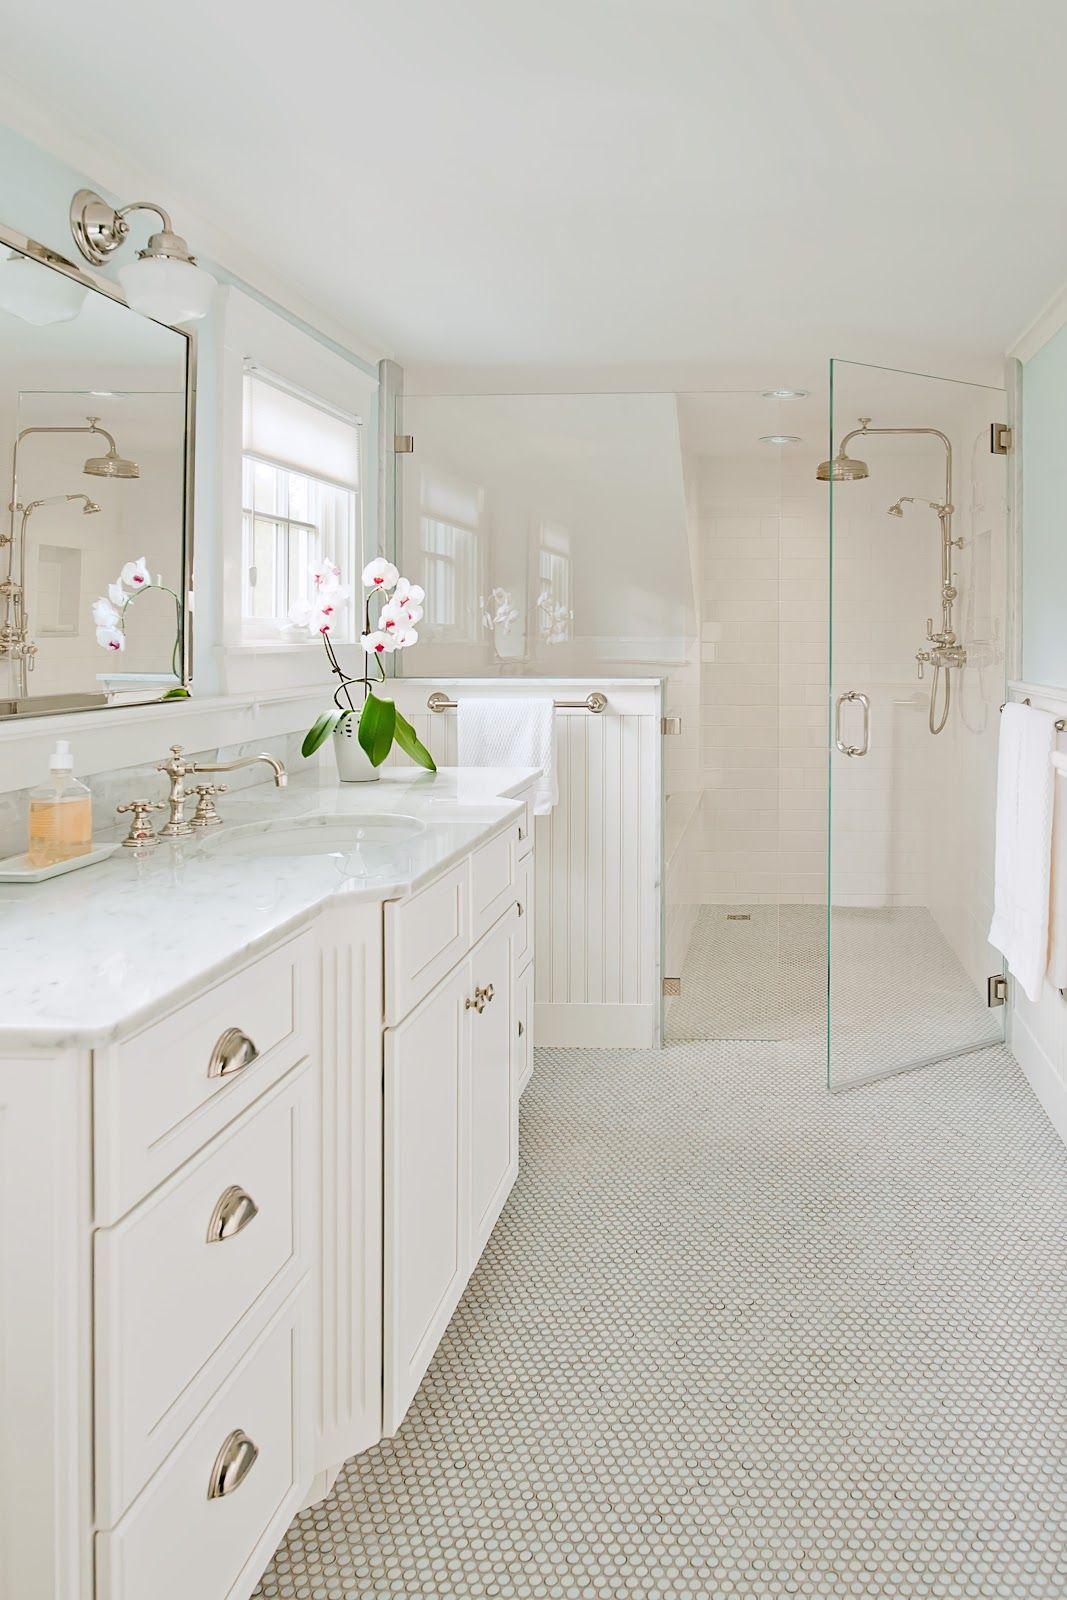 Распашной дверью для душа может похвастаться ванная большого размера